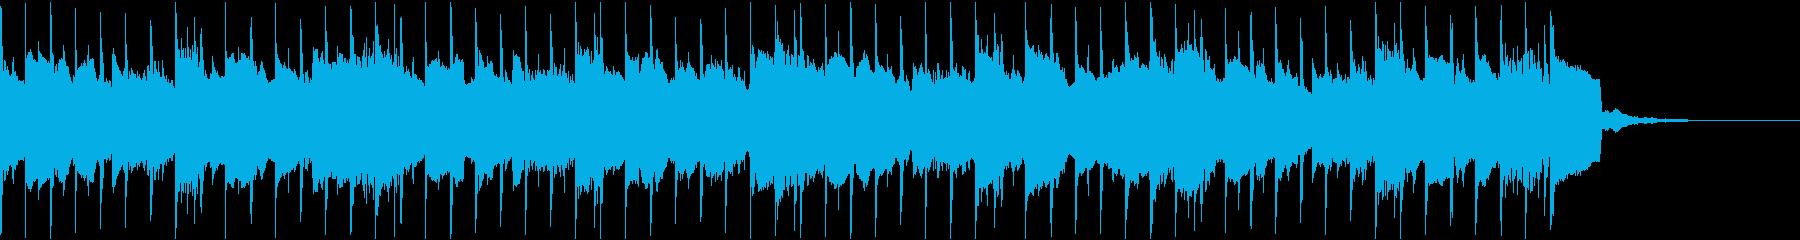 告知やCMなどに使えるポップなシンセの曲の再生済みの波形